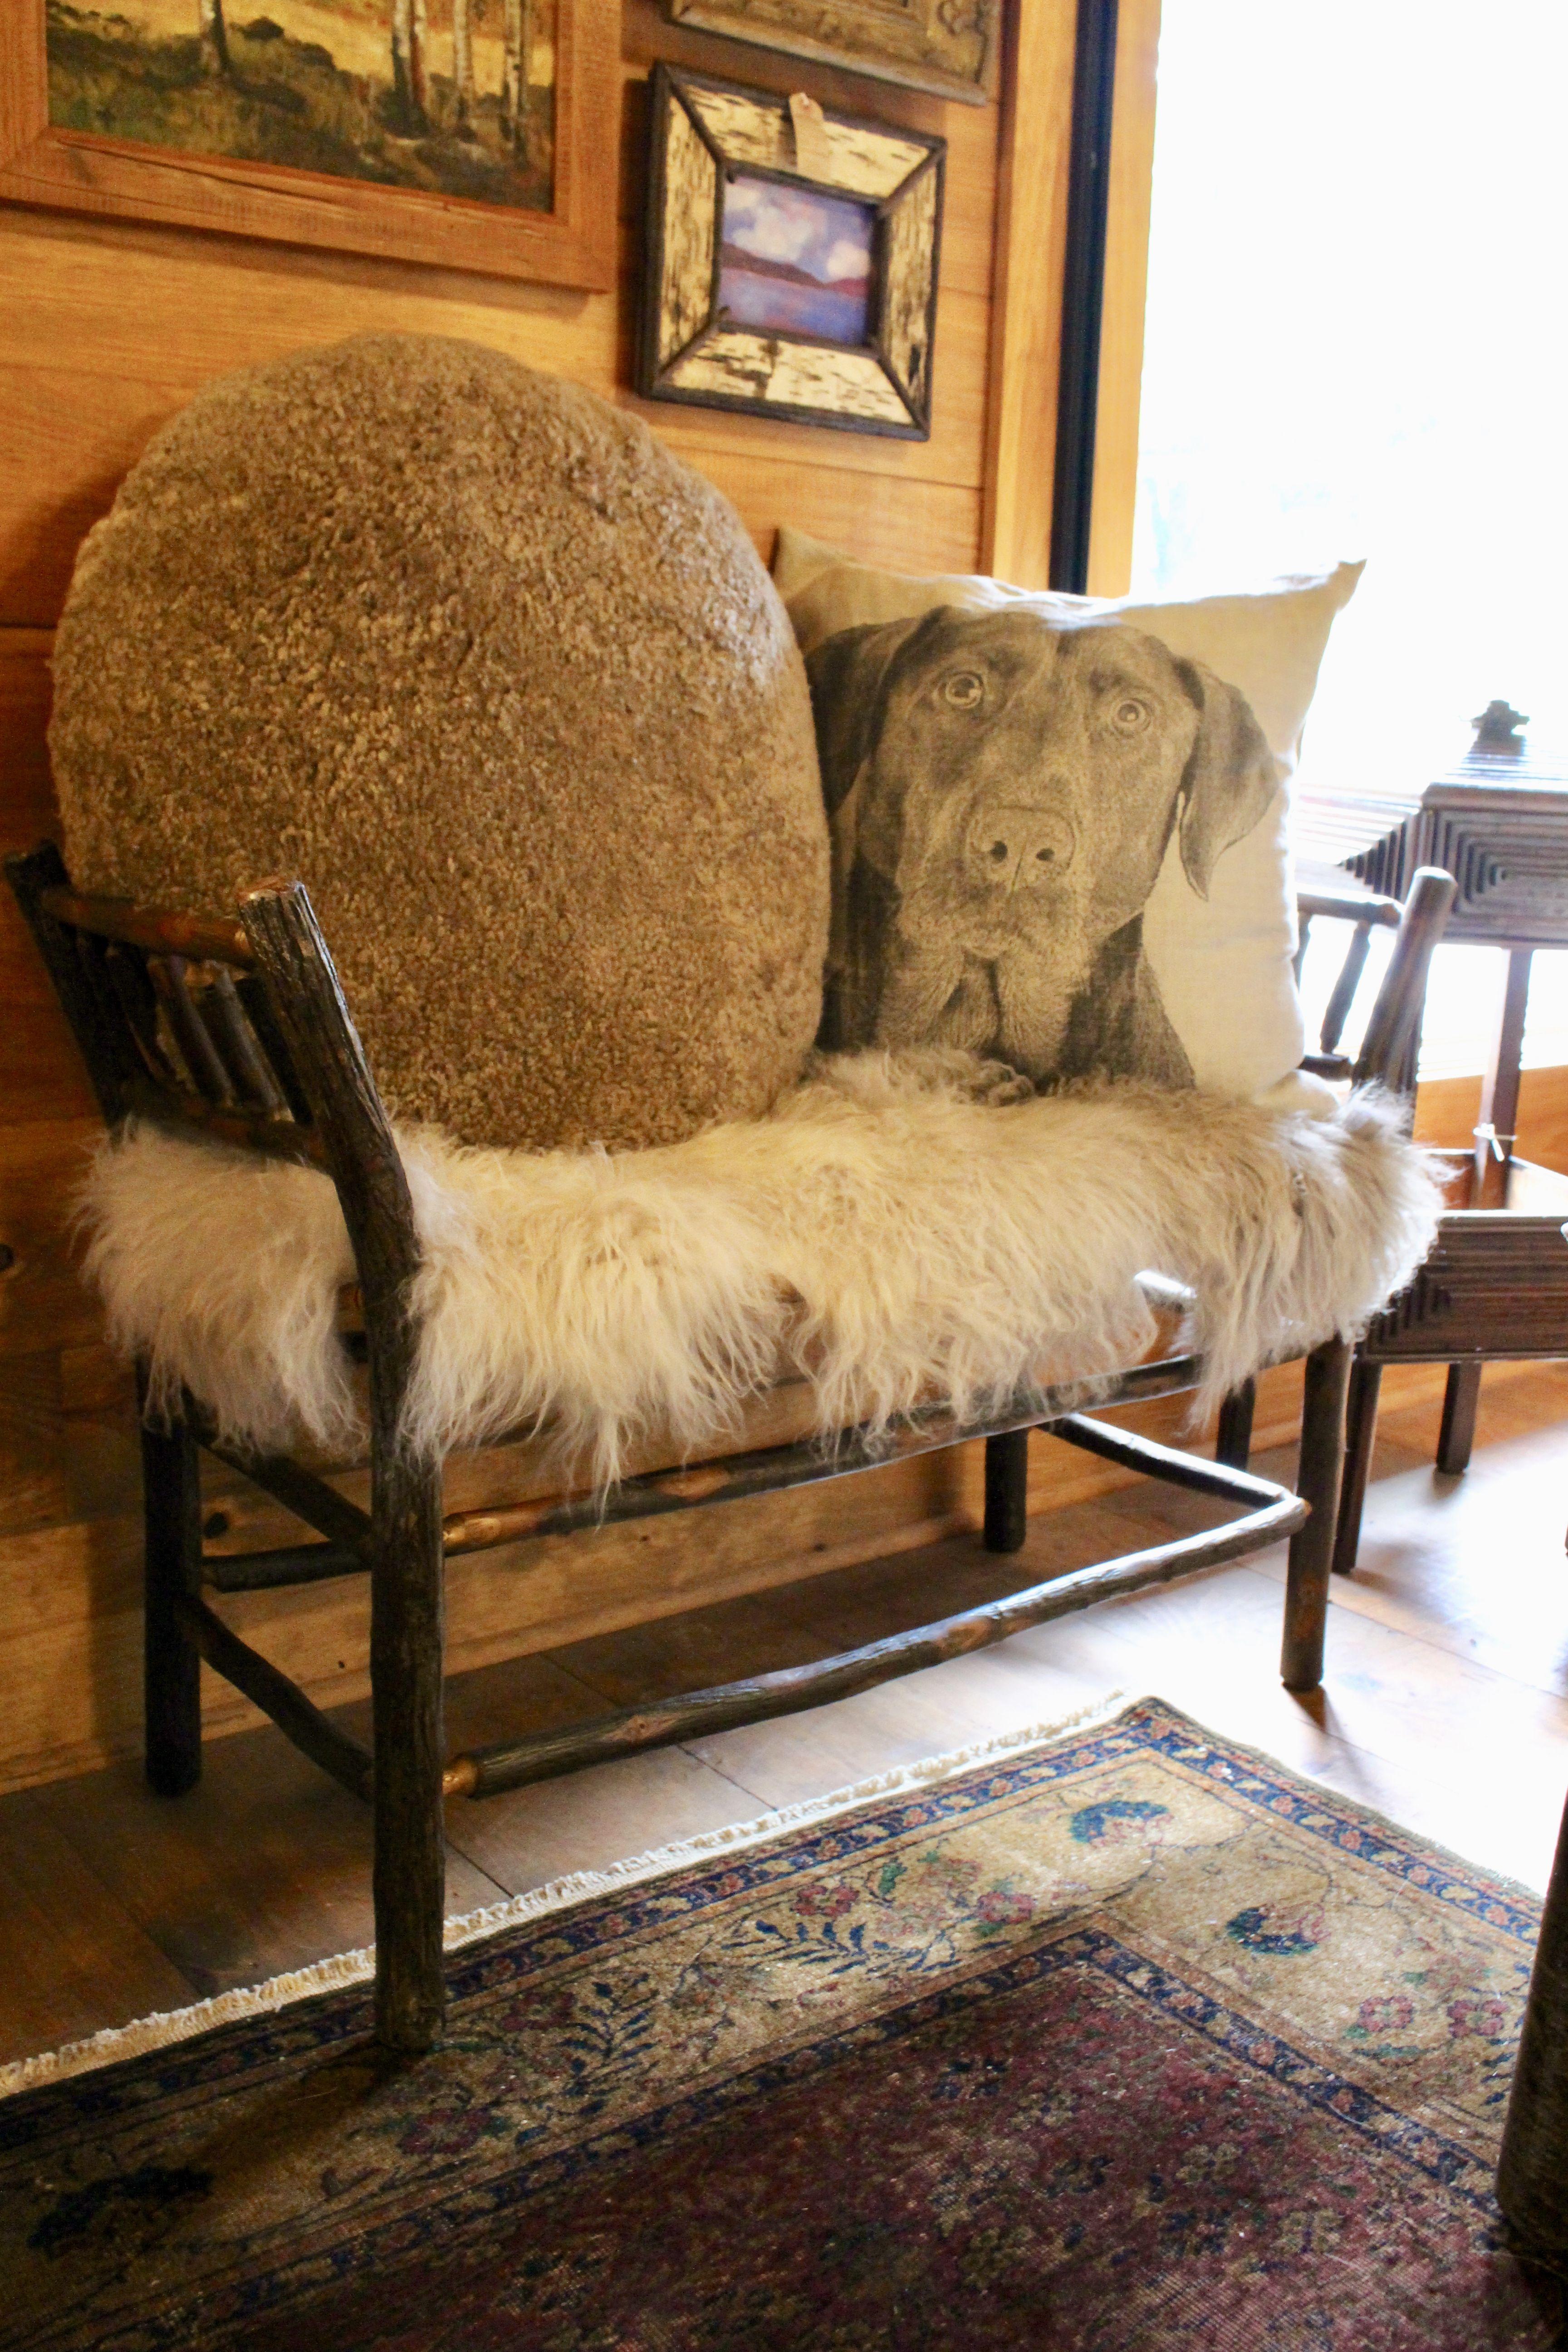 Roman Bench From Dartbrook Rustic Goods | Mongolian Sheep Fur Pillow |  Linen Portrait Pillow